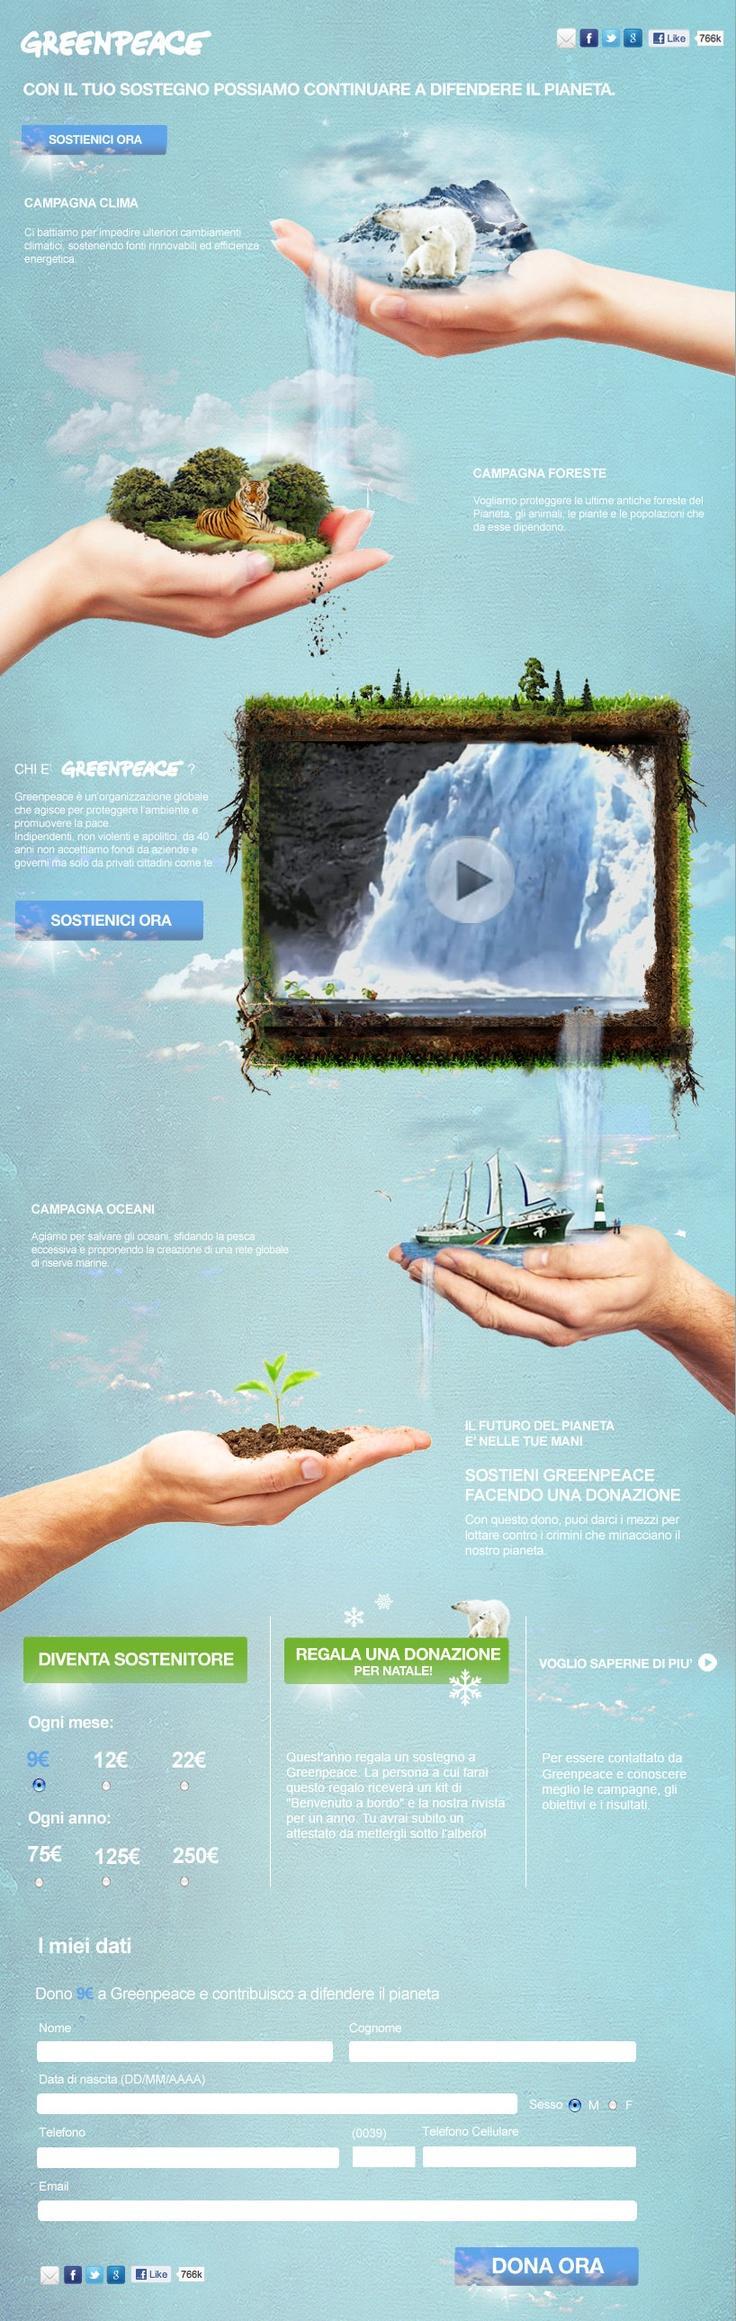 #GreenPeace - Il futuro del pianeta